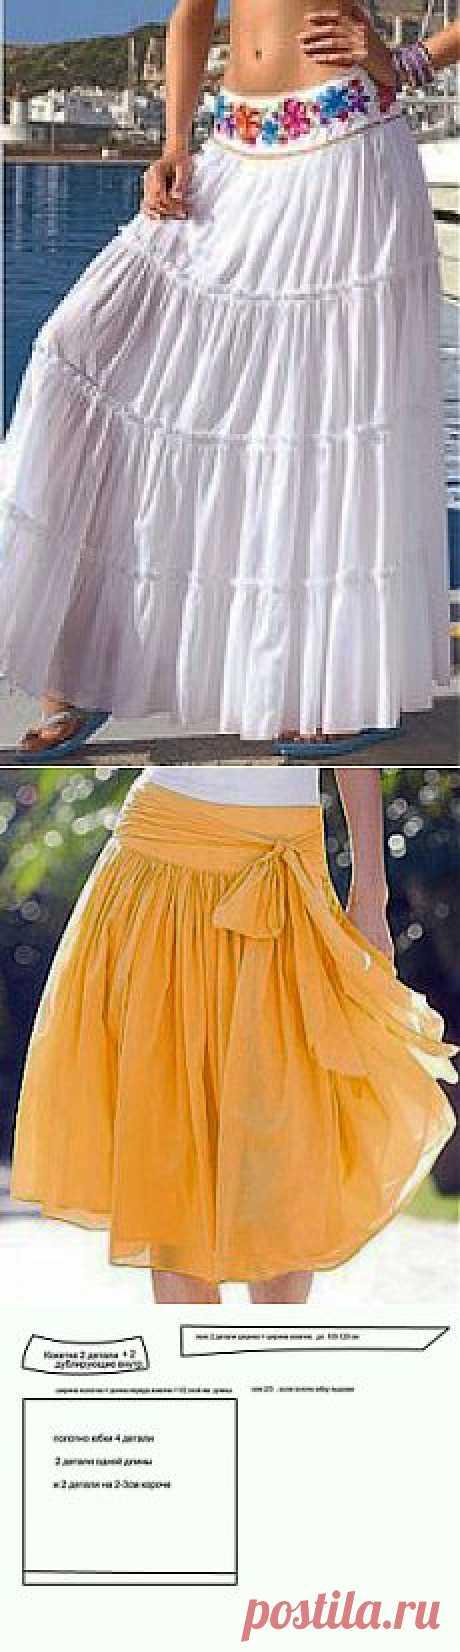 Шитье. Летние длинные юбки..